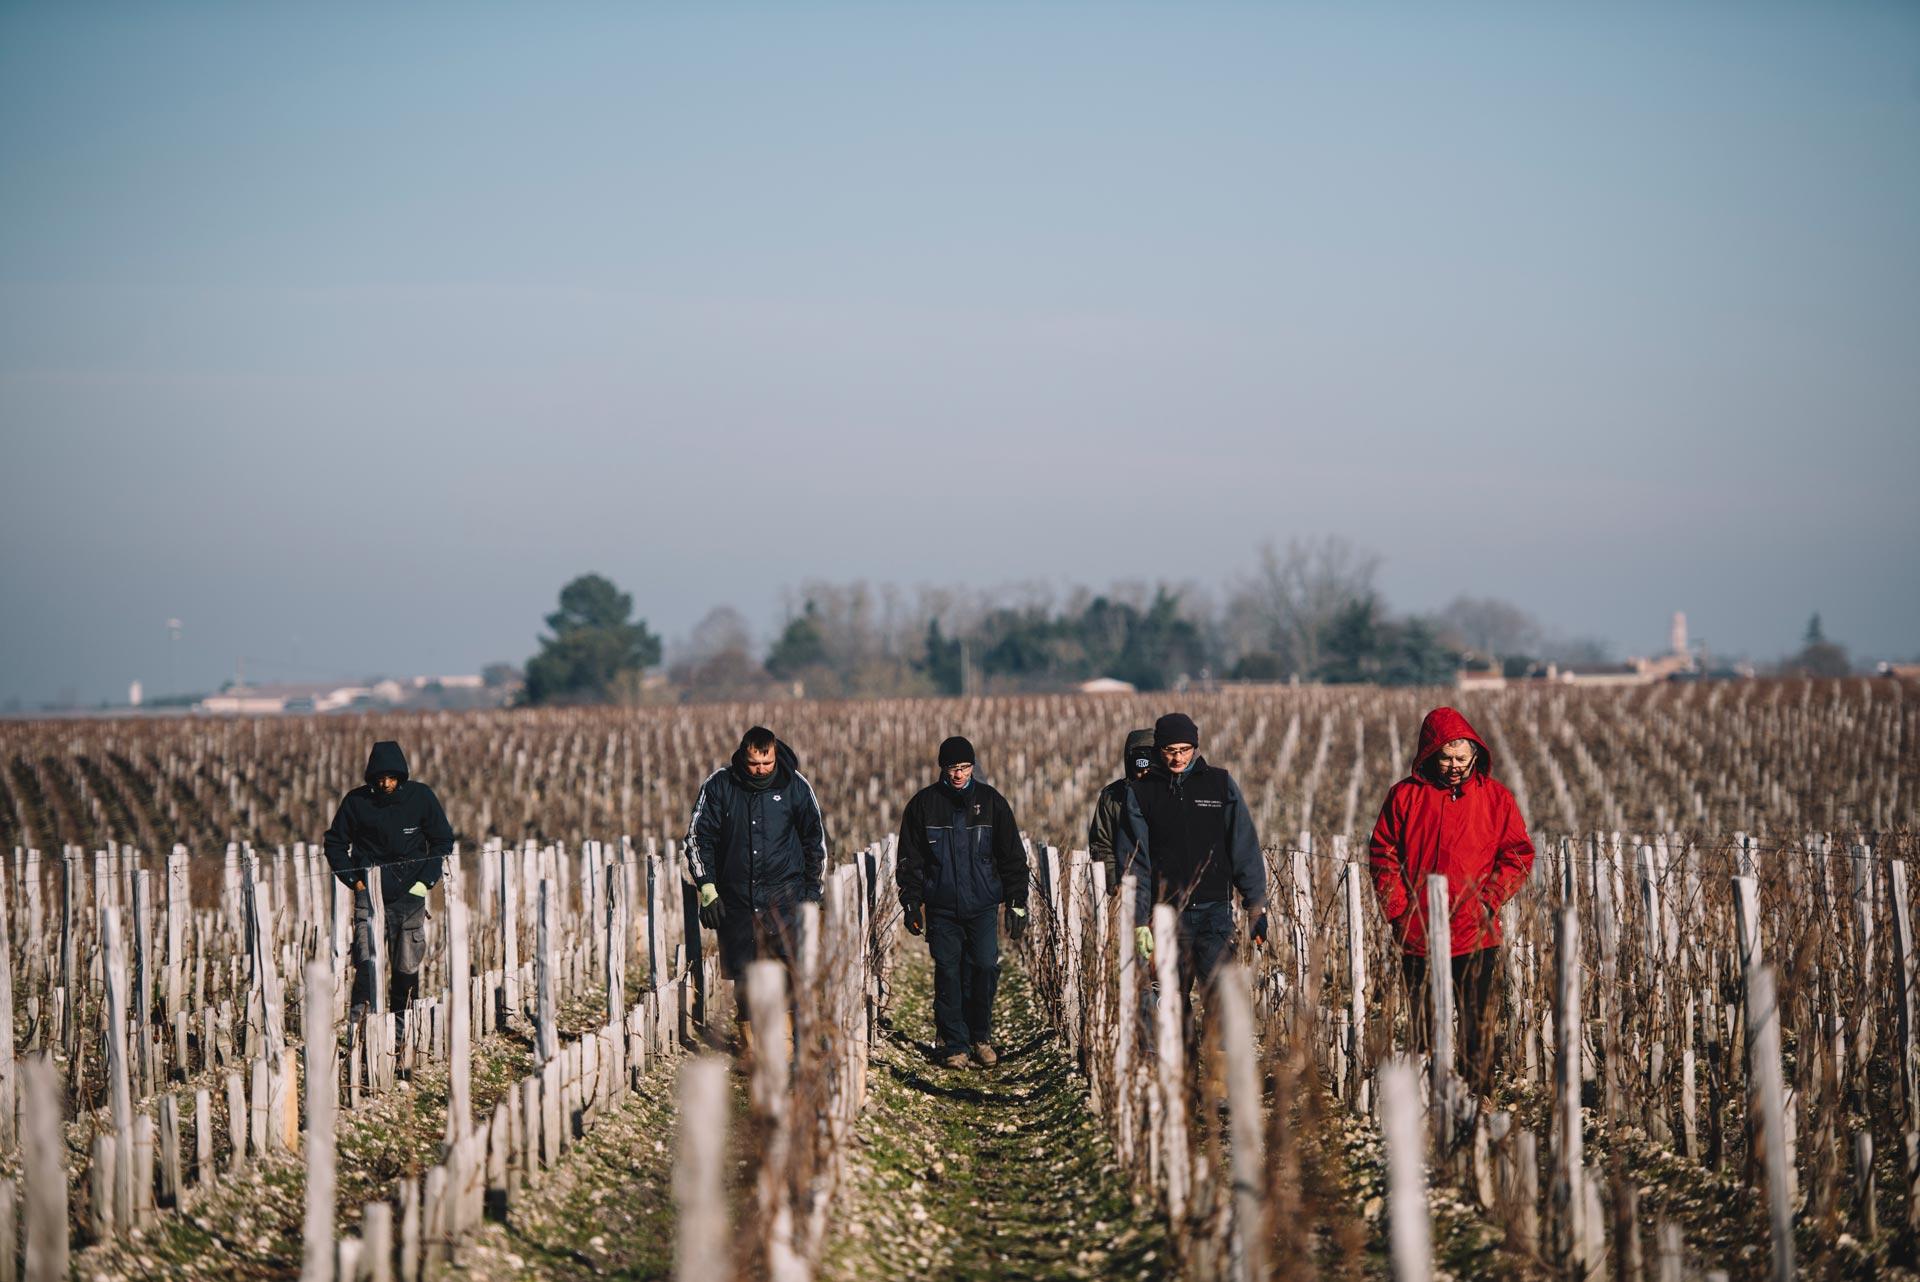 Winter training | Château Pichon Longueville Comtesse de Lalande | Pauillac | Bordeaux